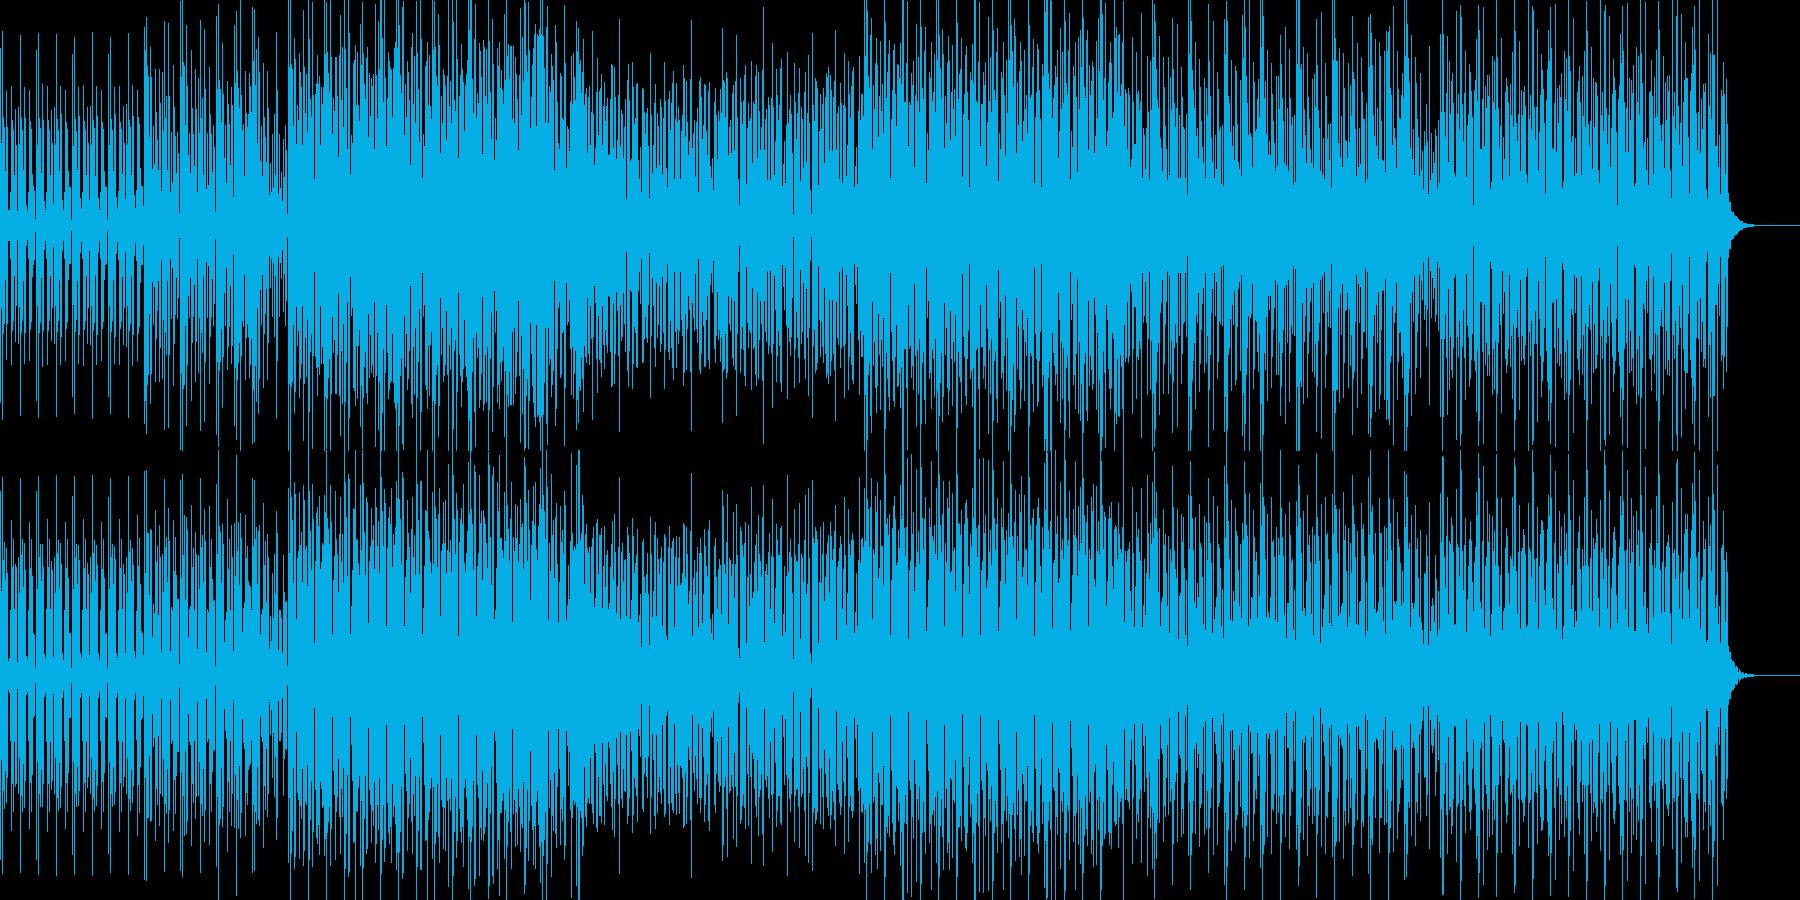 不思議な世界観でかっこいいメロディーの再生済みの波形